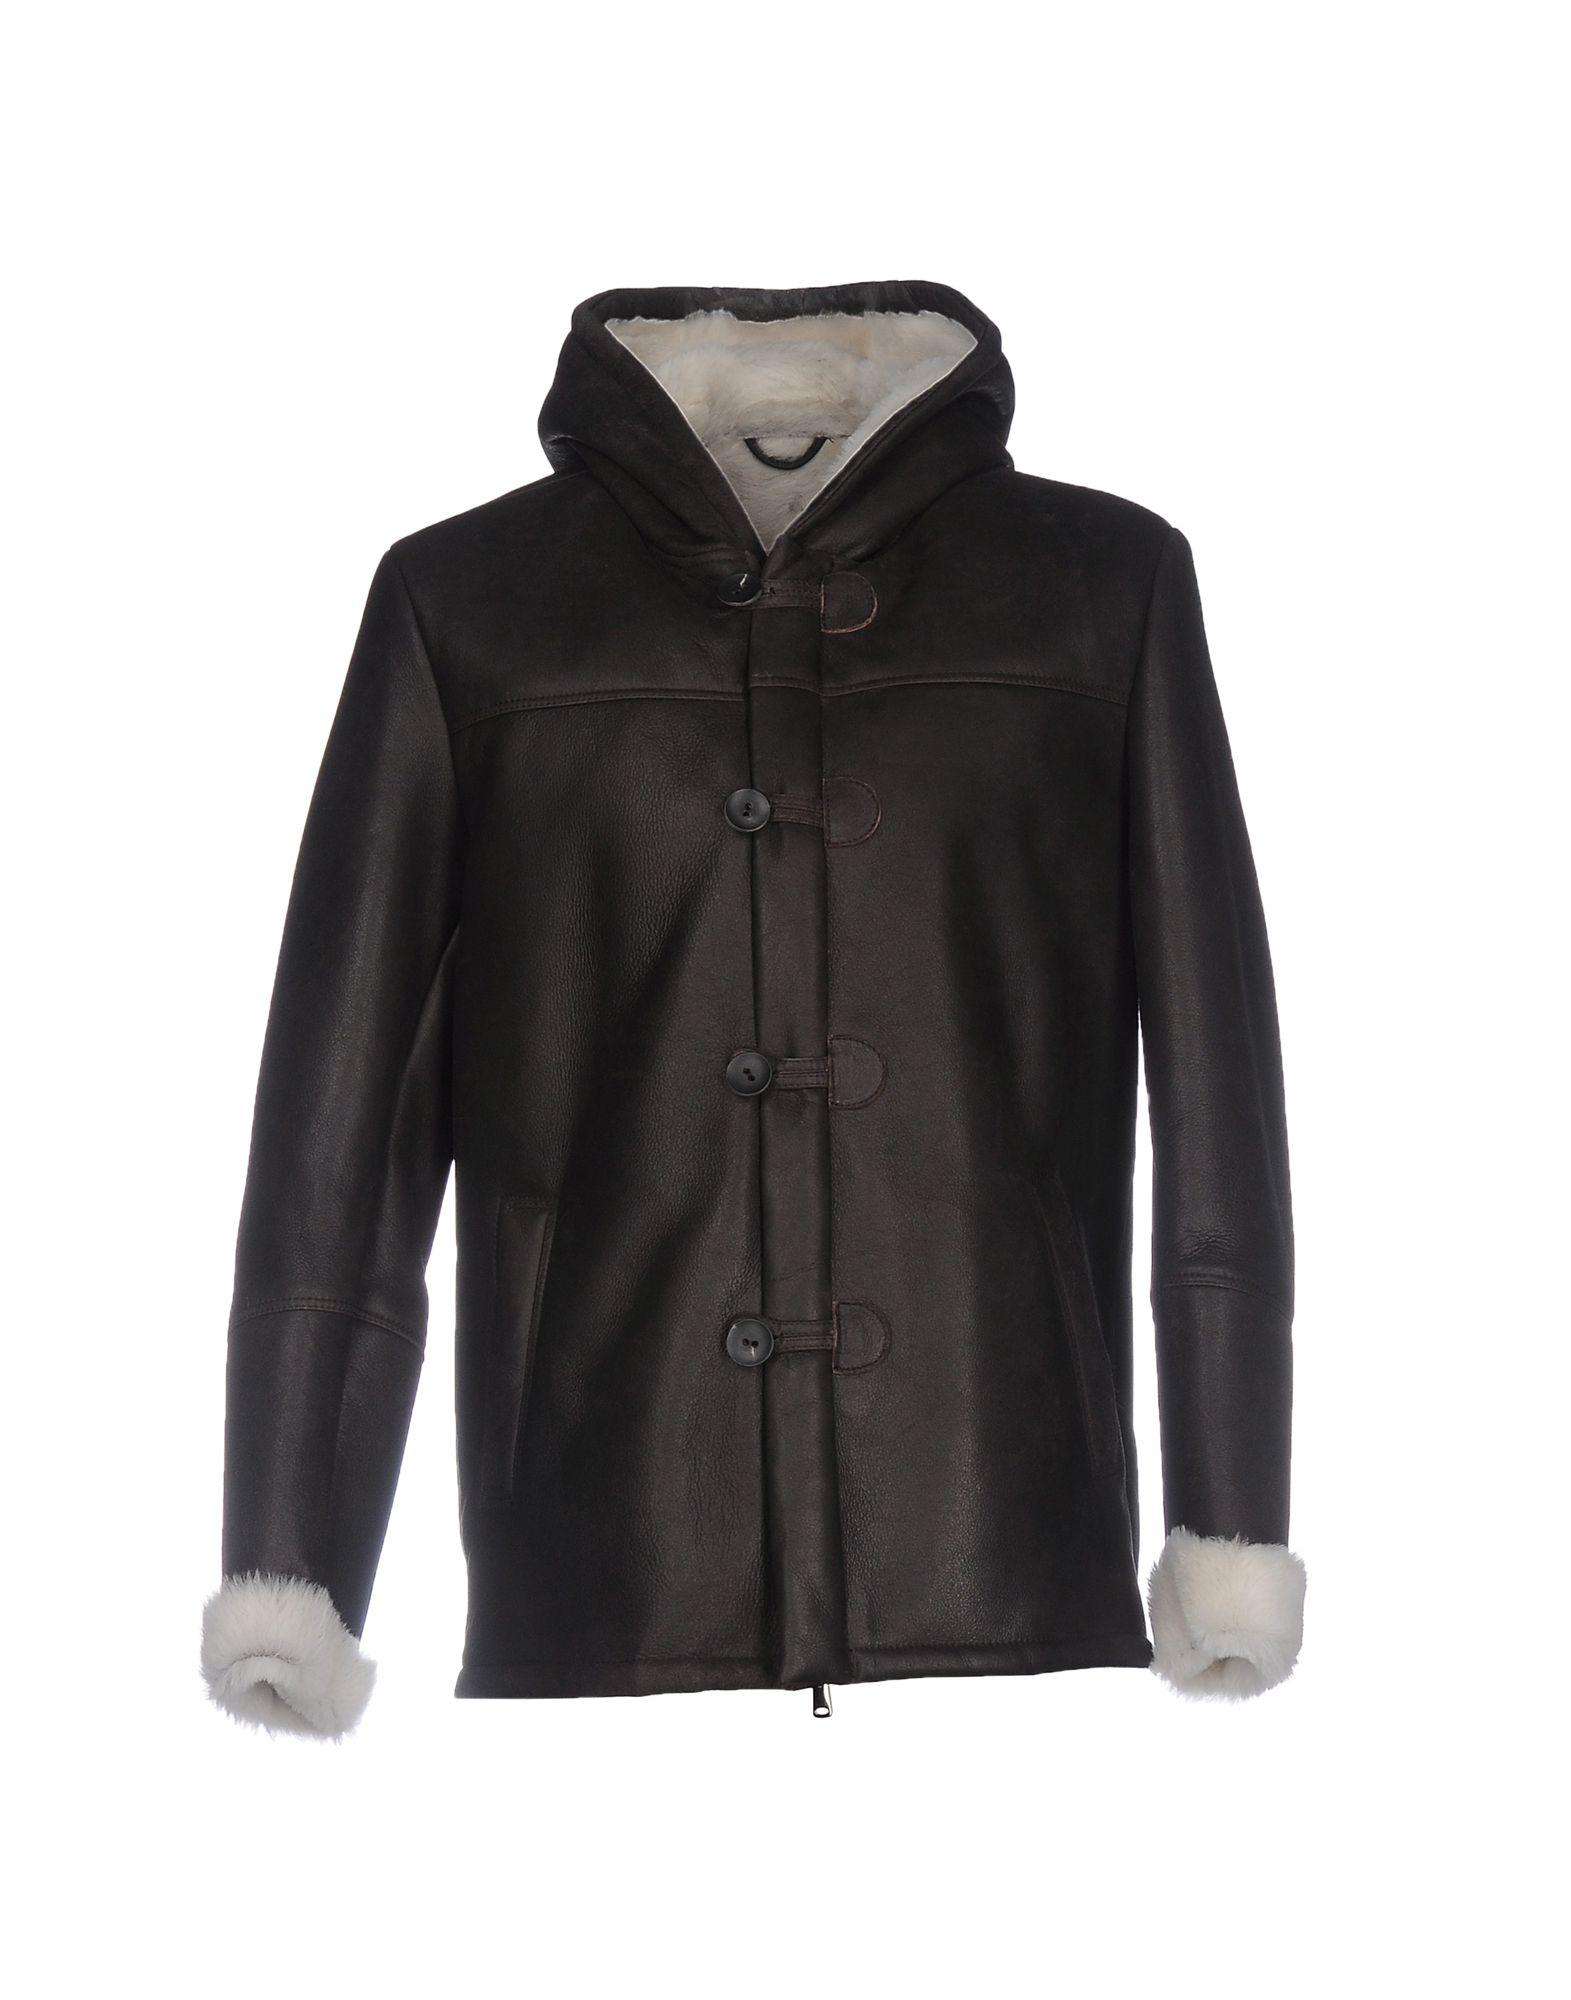 OLIVIERI Herren Jacke Farbe Dunkelbraun Größe 5 - broschei